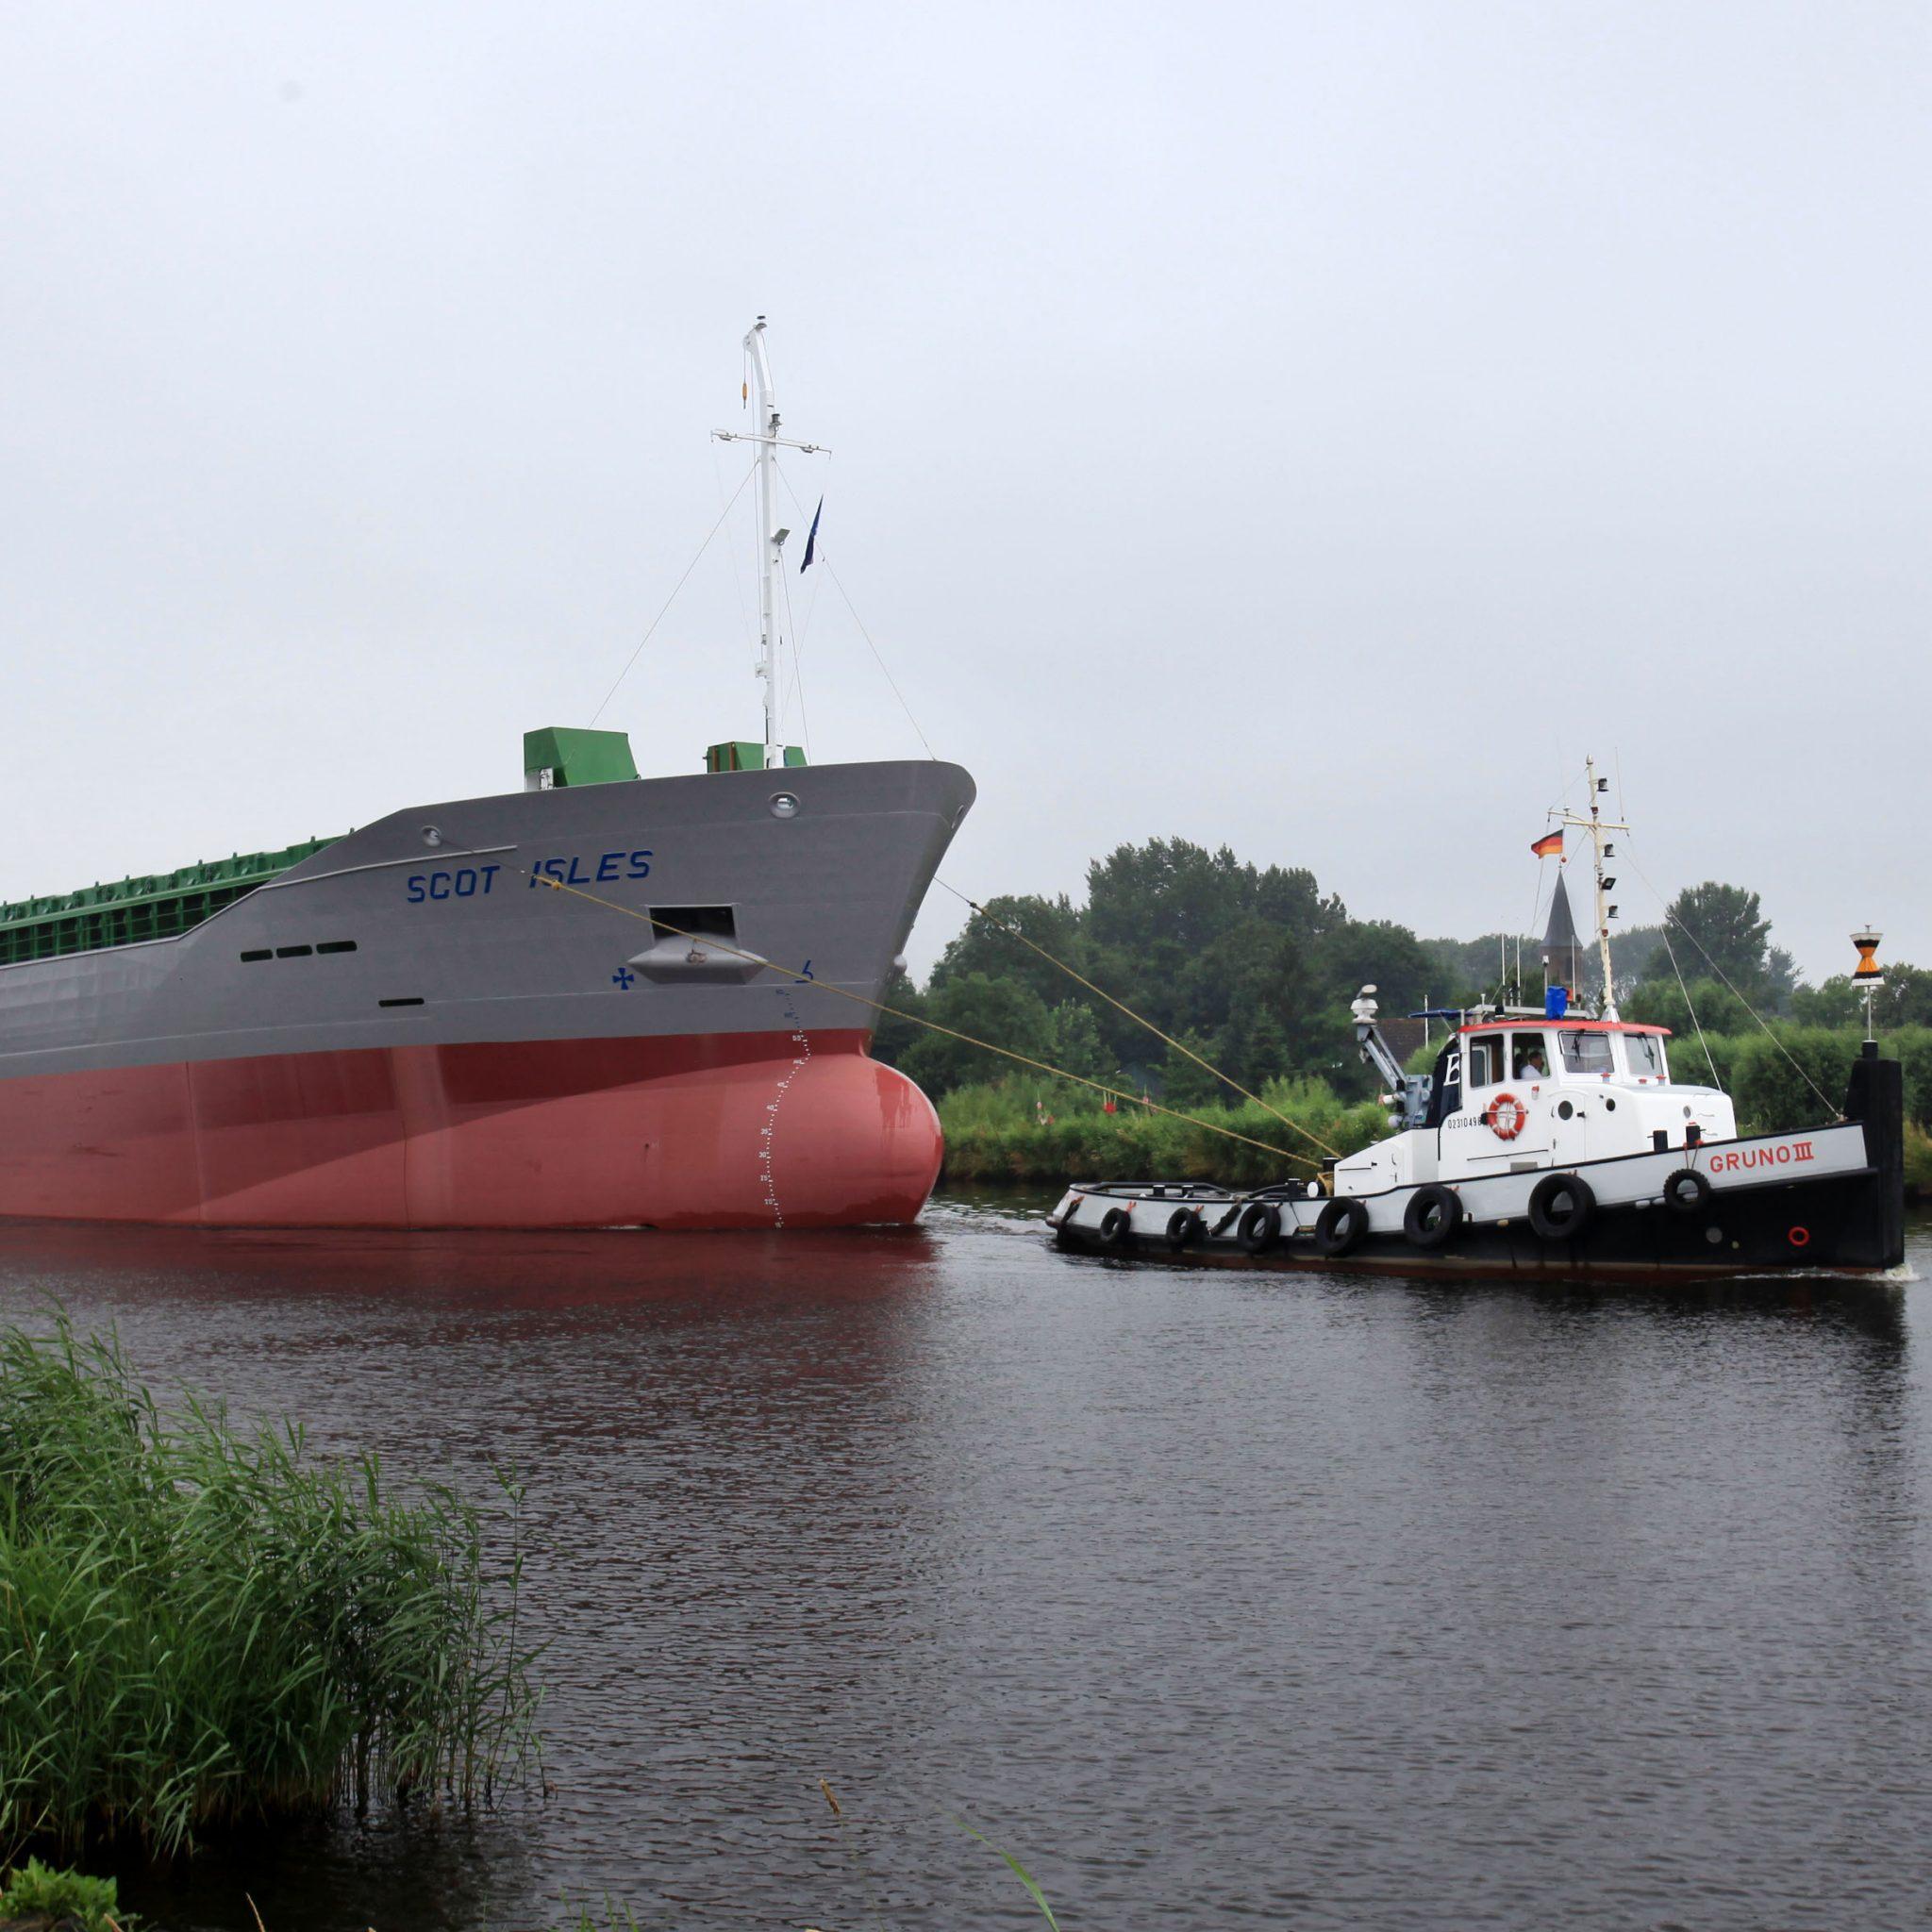 De Scot Isles op het Eemskanaal onderweg naar open water. (Foto Henk Zuur)